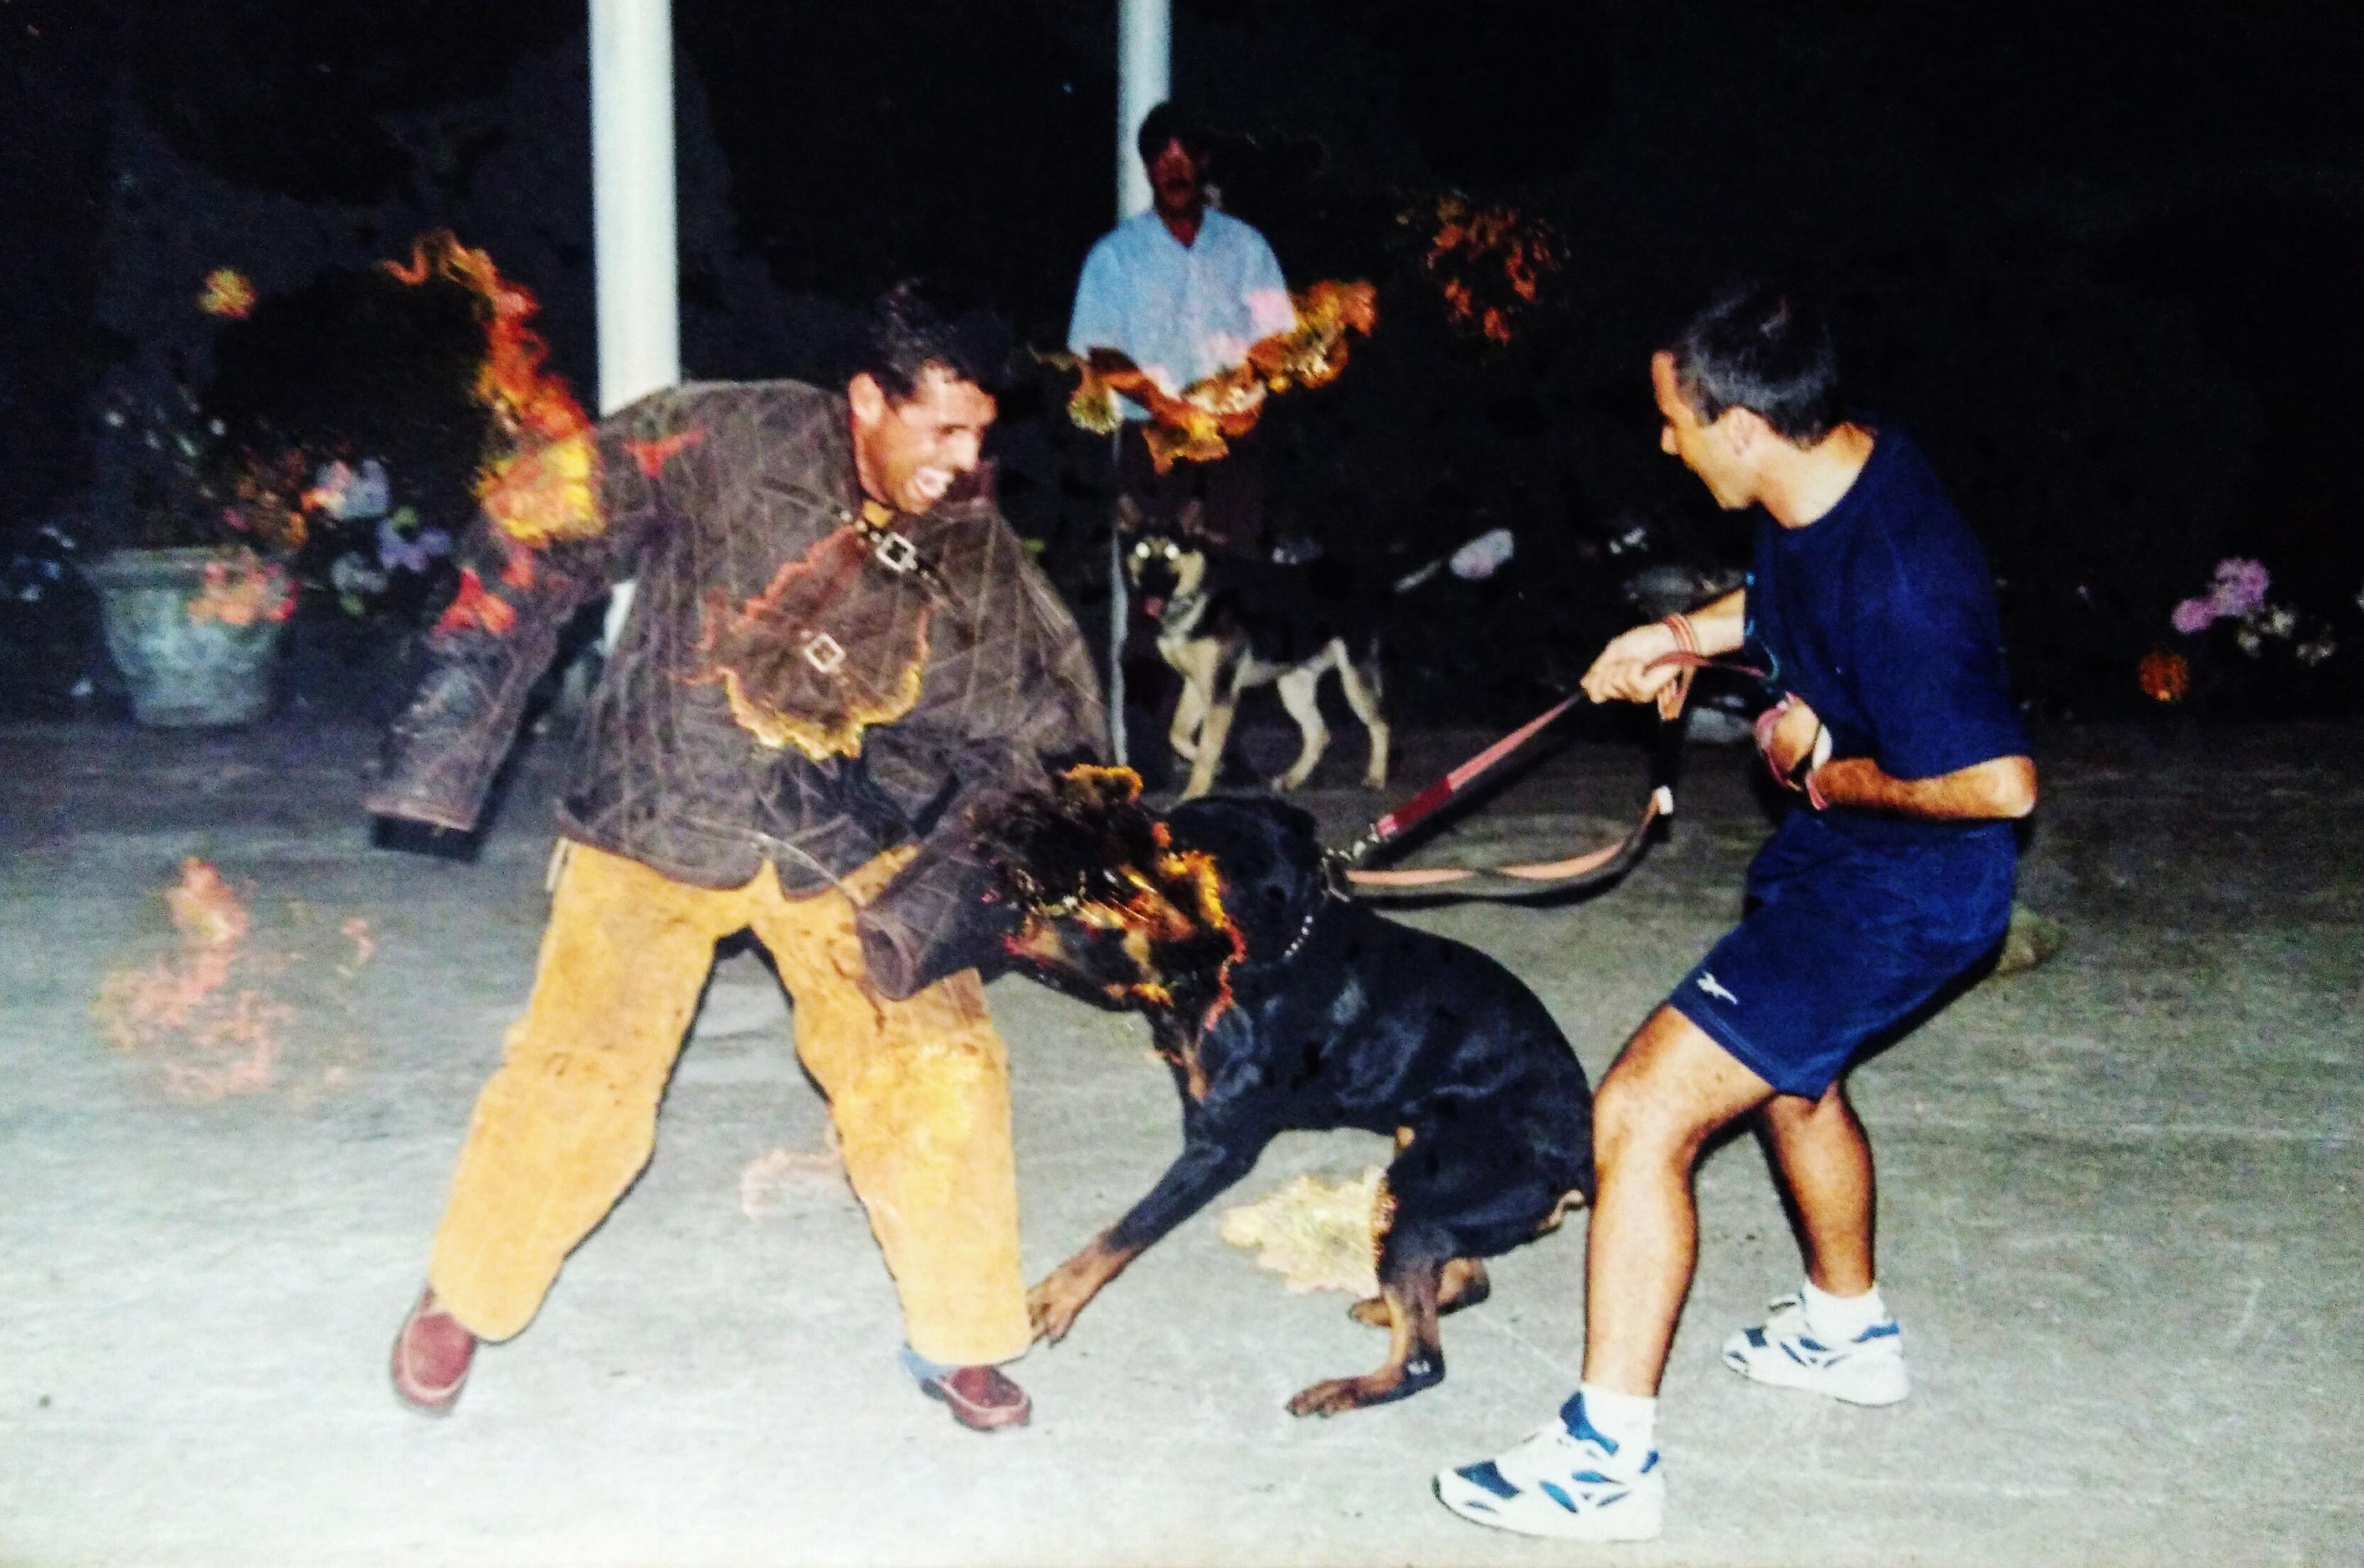 Jairo Teixeira faz figuração com Rottweiler